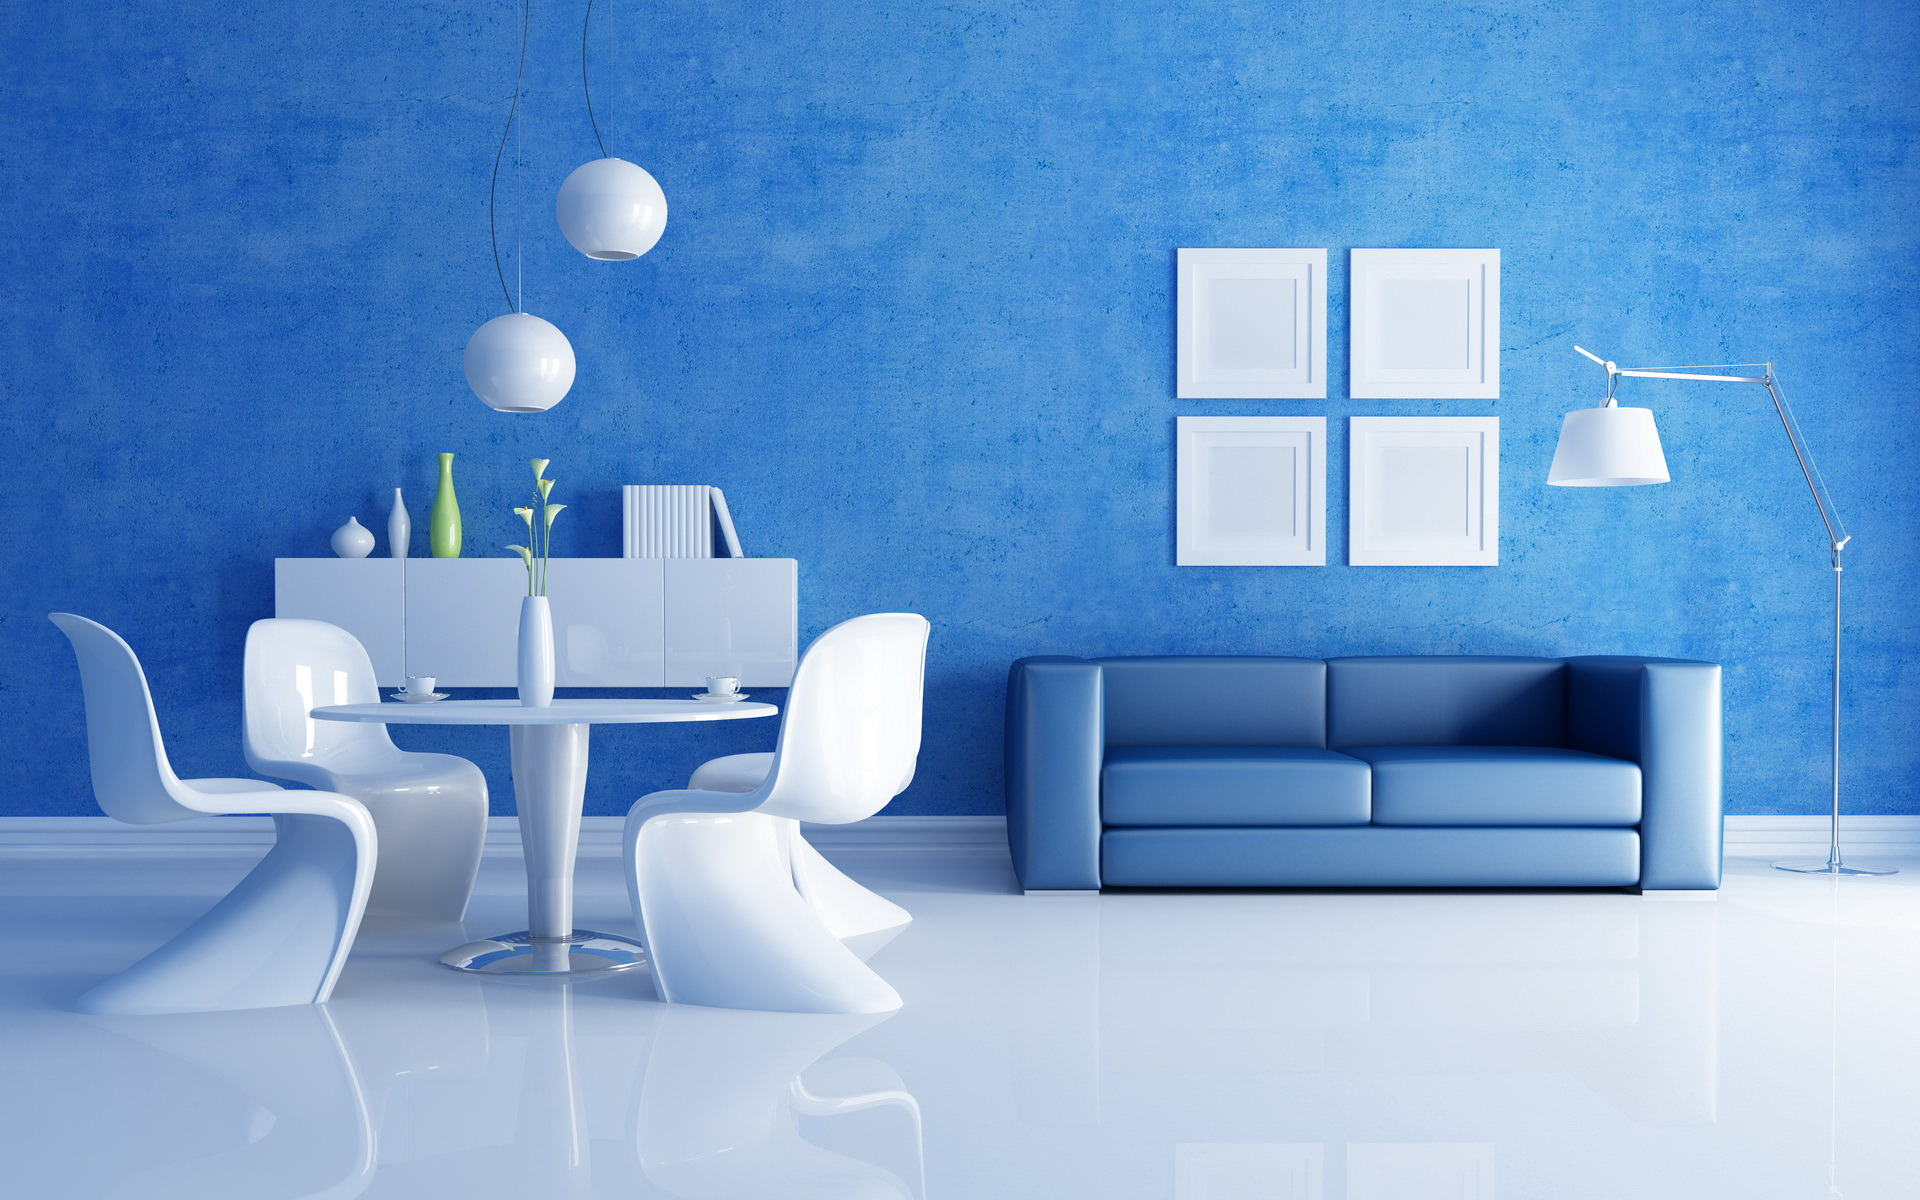 картинки на стену для интерьера в синем колесо цыганском